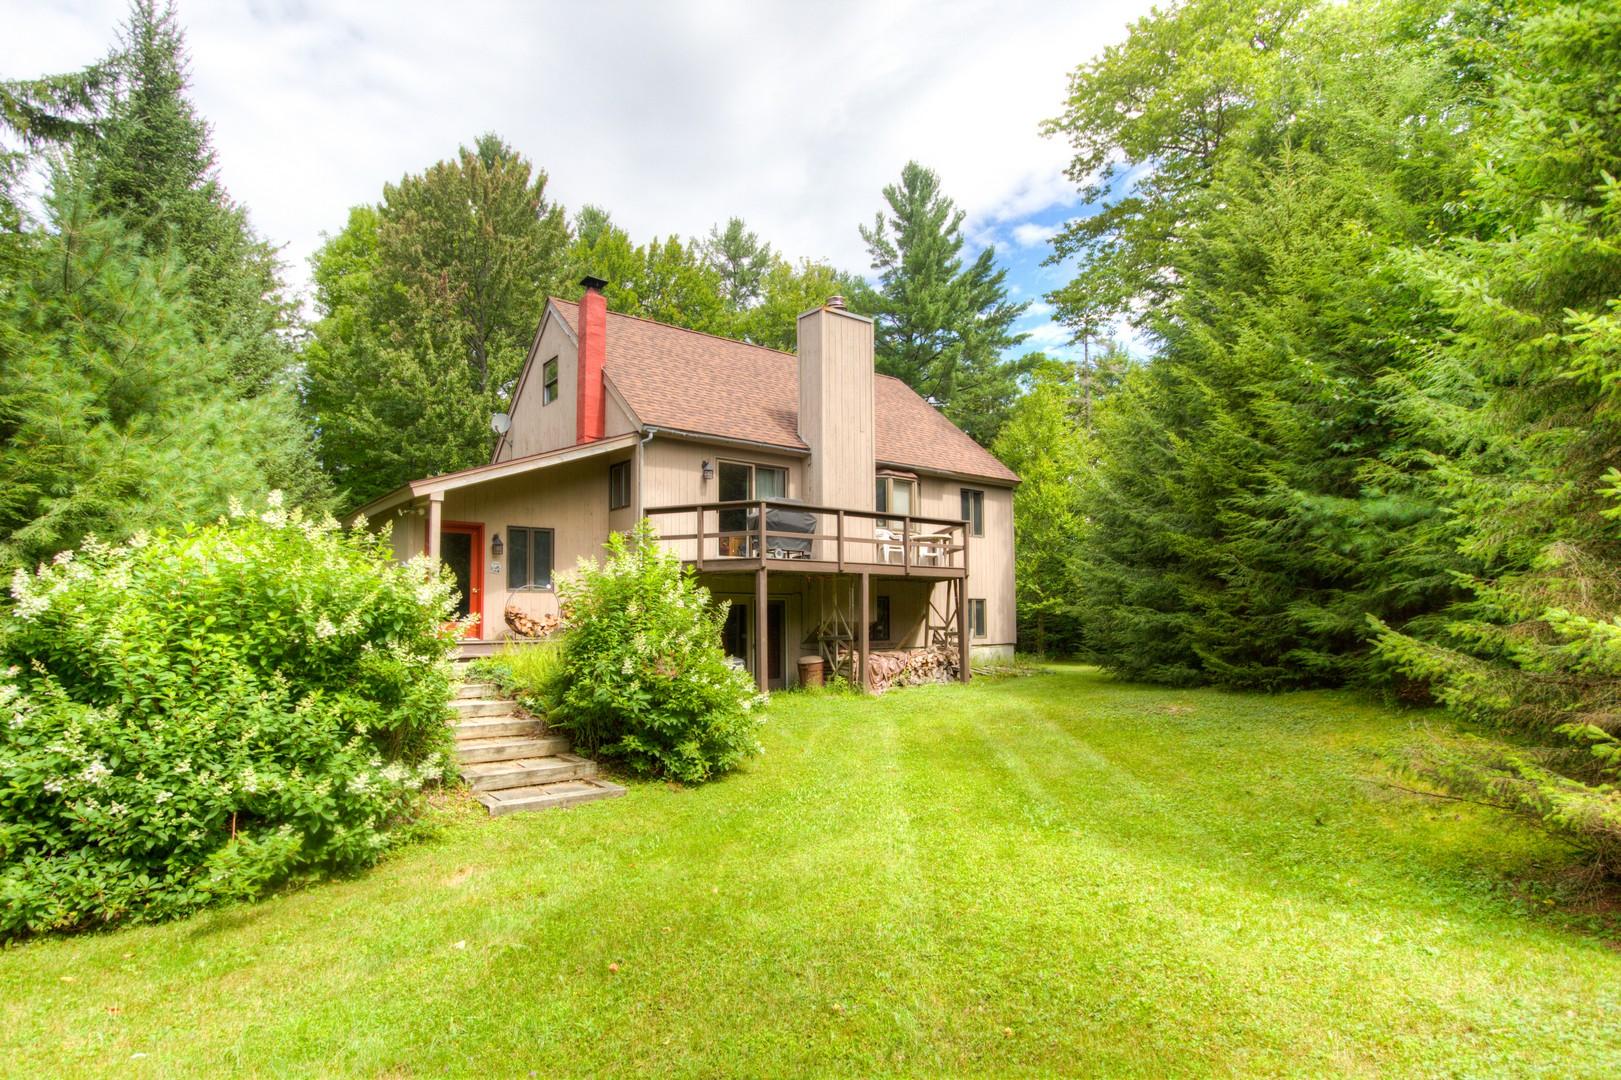 独户住宅 为 销售 在 525 Deerwood Hill, Londonderry 伦敦德里郡, 佛蒙特州, 05155 美国